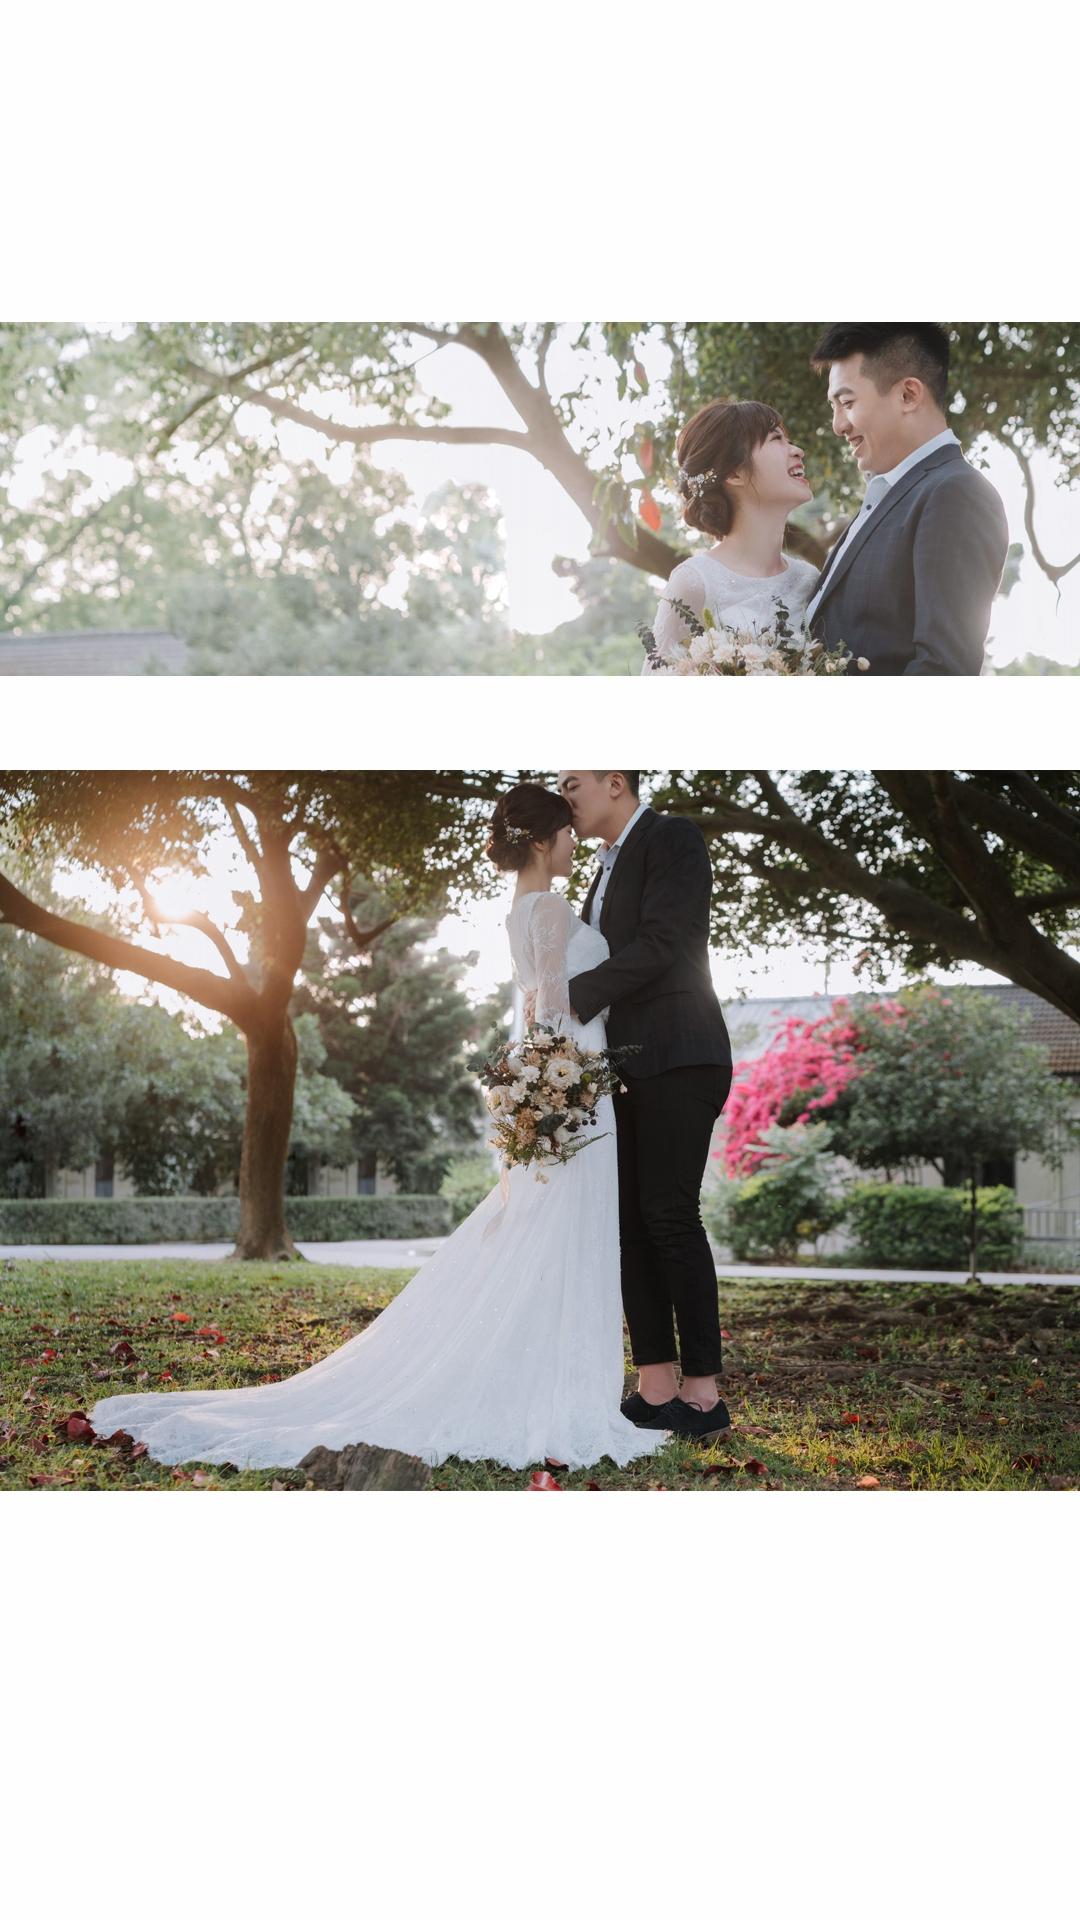 自助婚紗,婚紗,婚推推薦,桃園石門美軍宿舍,joanna wedding,幸福青鳥 Eliza Mao Make up